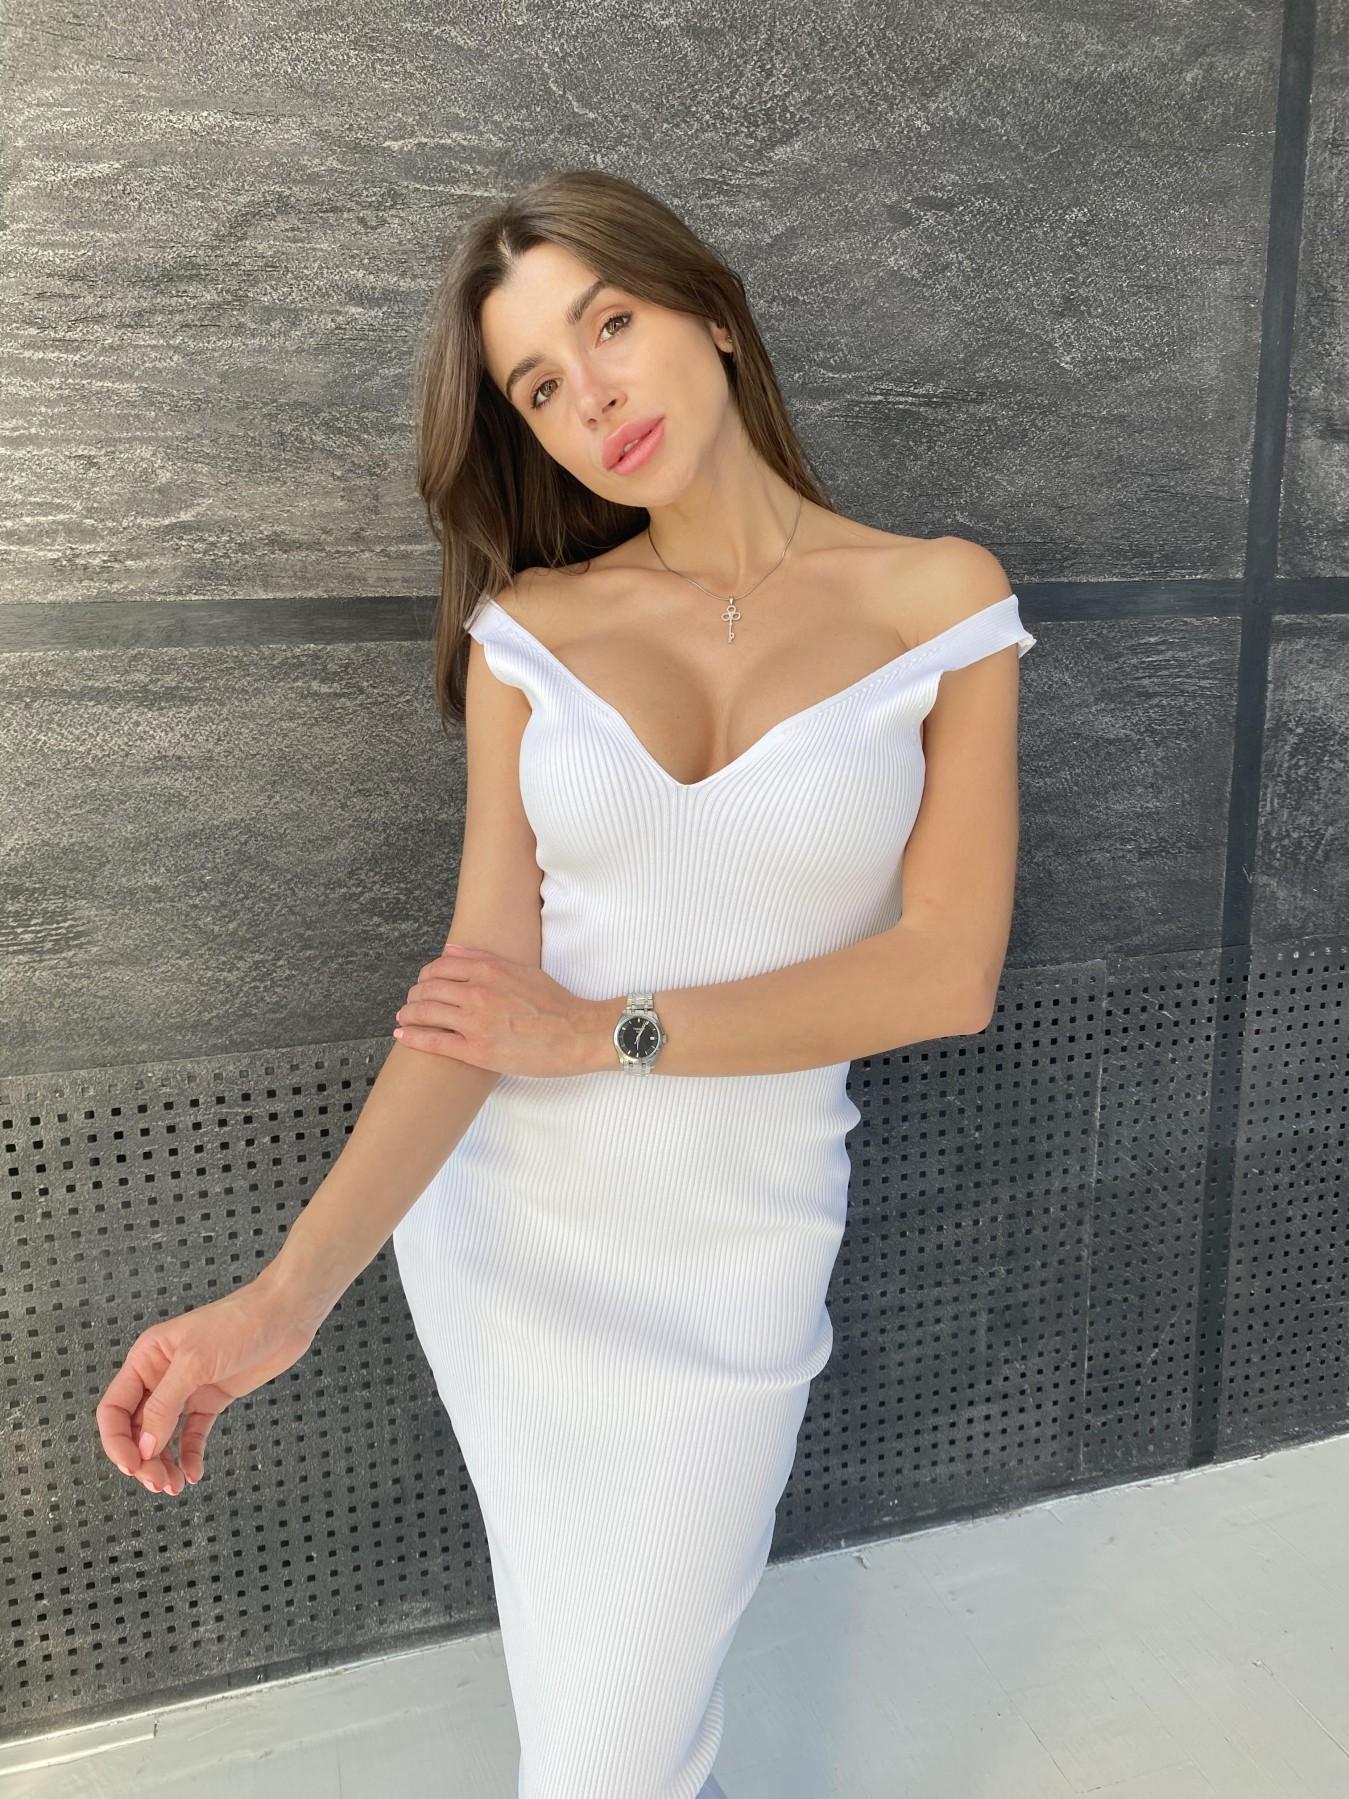 Платье 91798 АРТ. 48061 Цвет: Молоко - фото 2, интернет магазин tm-modus.ru